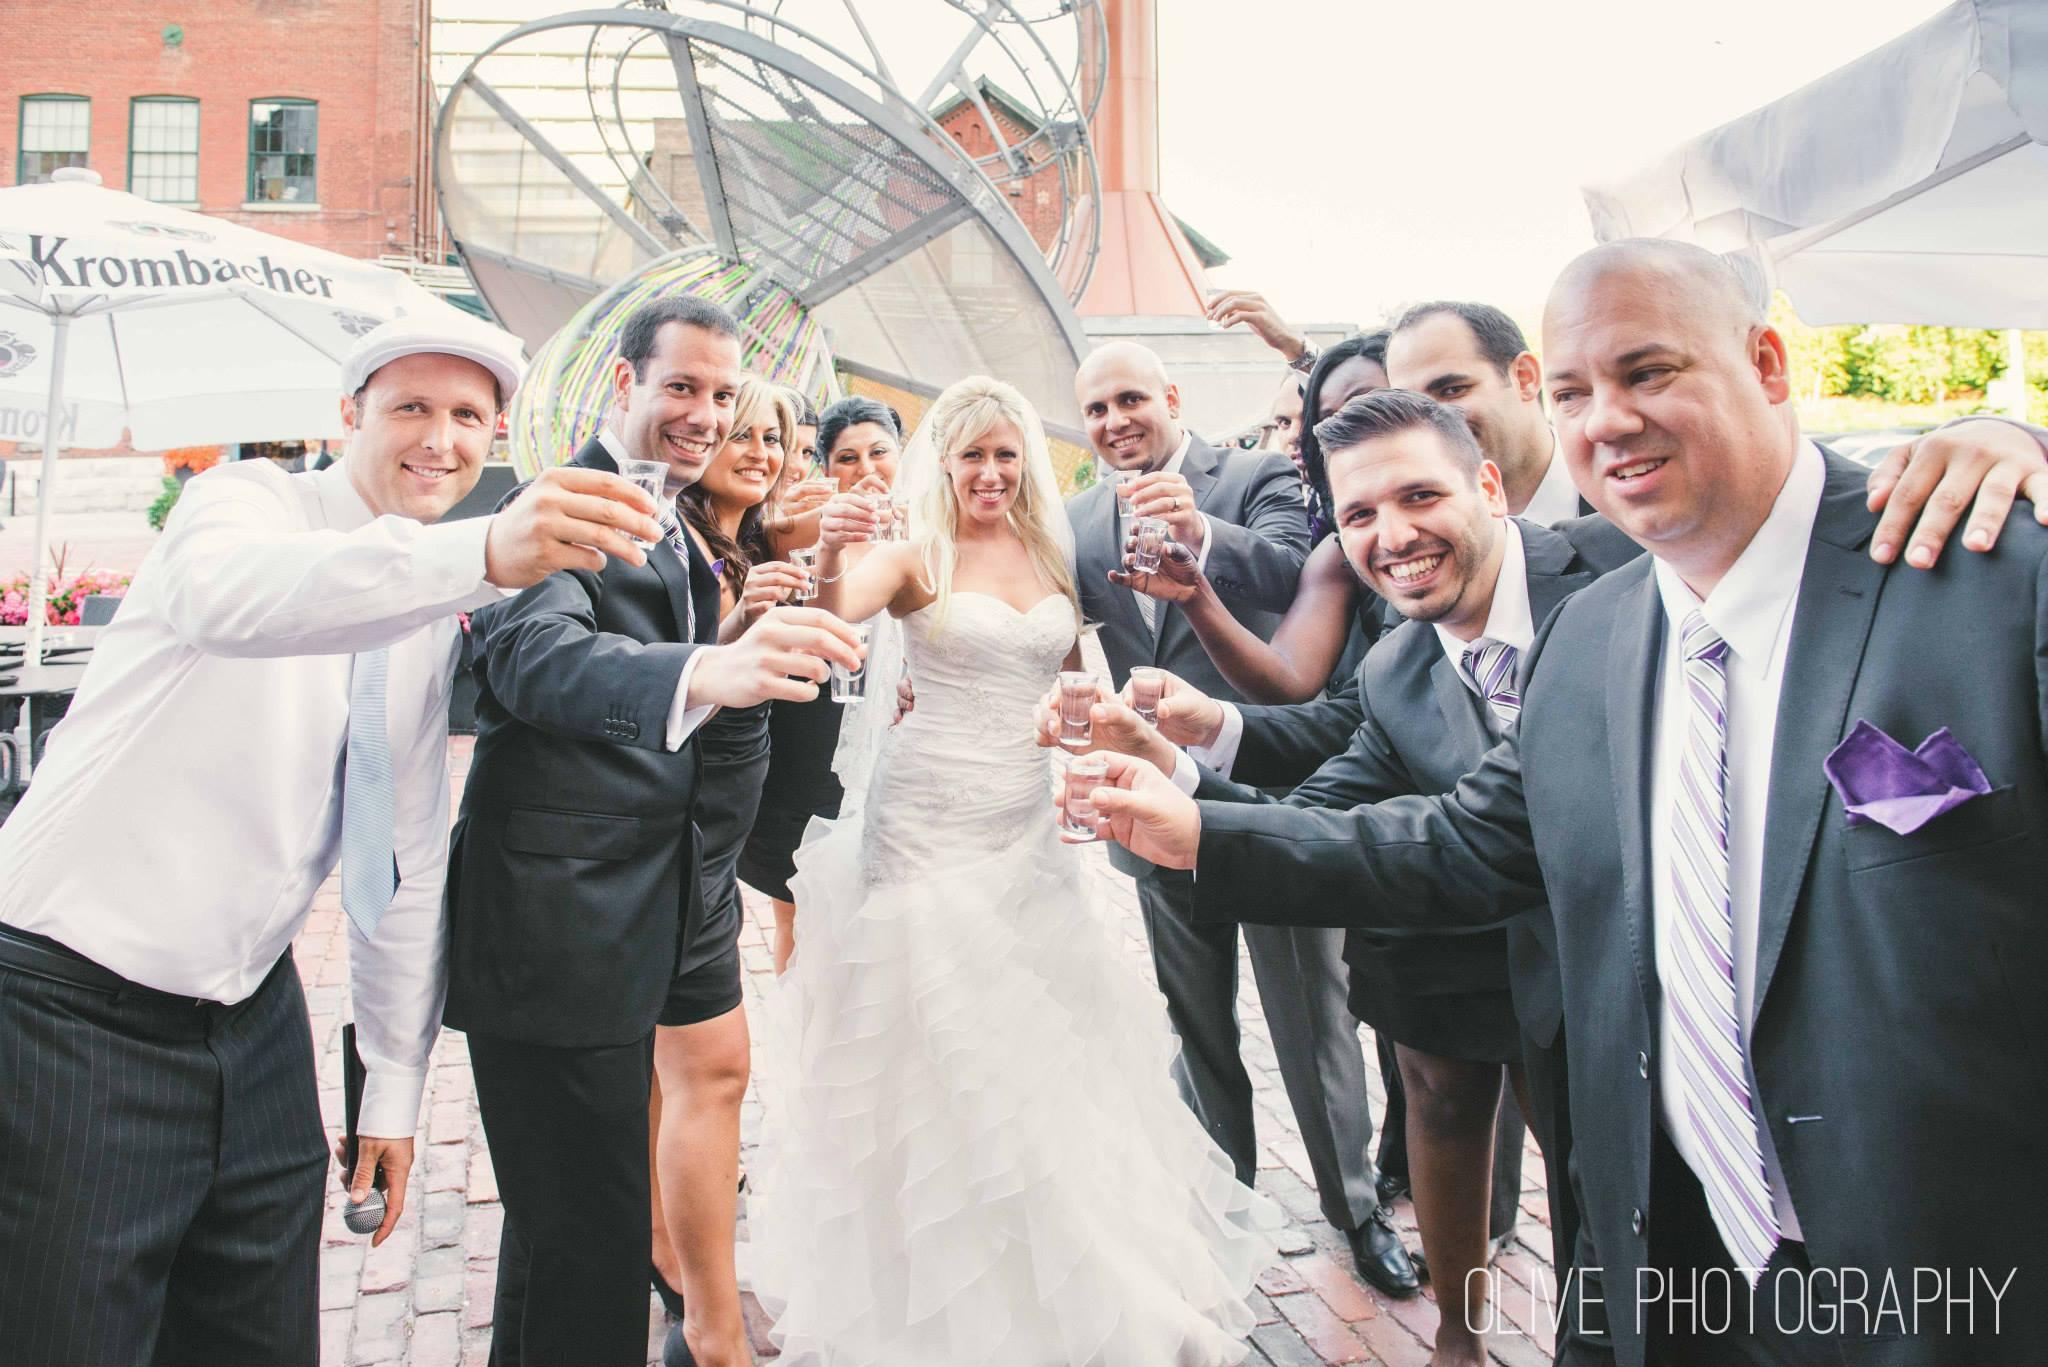 Dj Greedo Distiller district Wedding Party intro.jpg